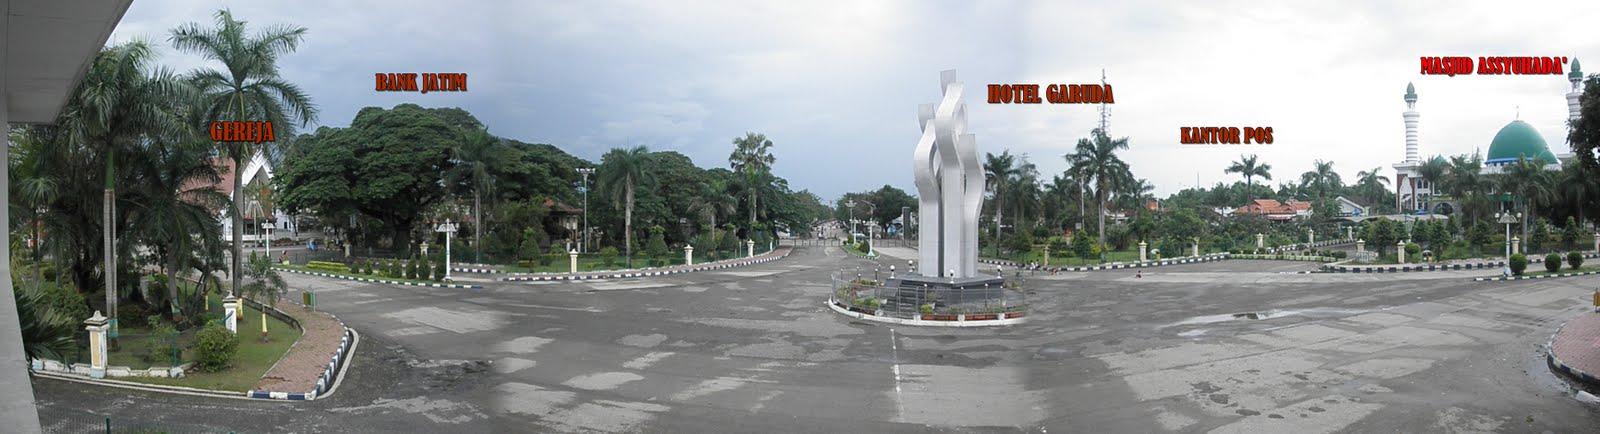 Demit Plano Launcher Membaca Kota Pamekasan Perkotaan Ibu Kabupaten Berada